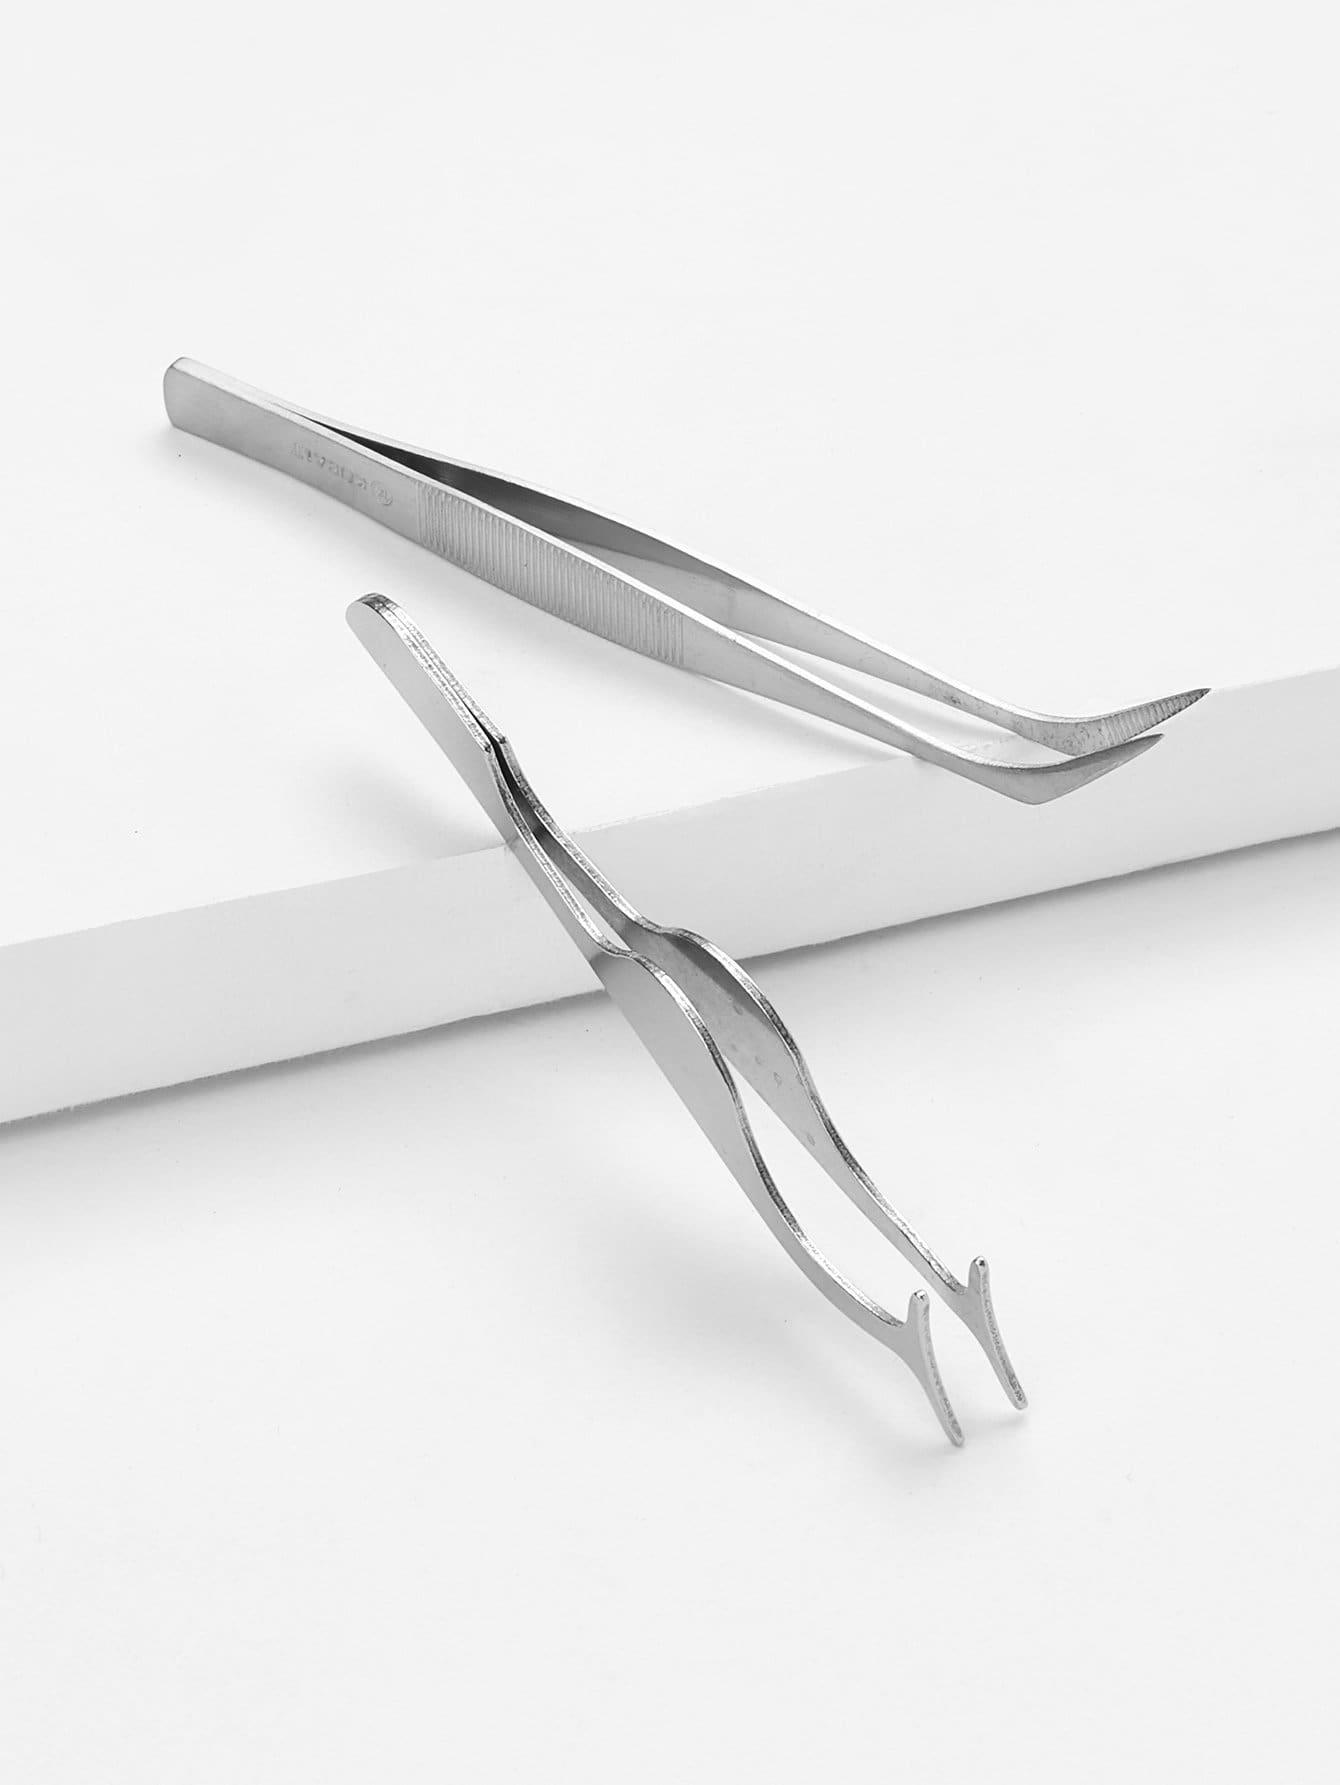 Metal Tweezers 2pcs 2pcs yppd j014a yppd jo14a 4921qp1036a yppd j014a